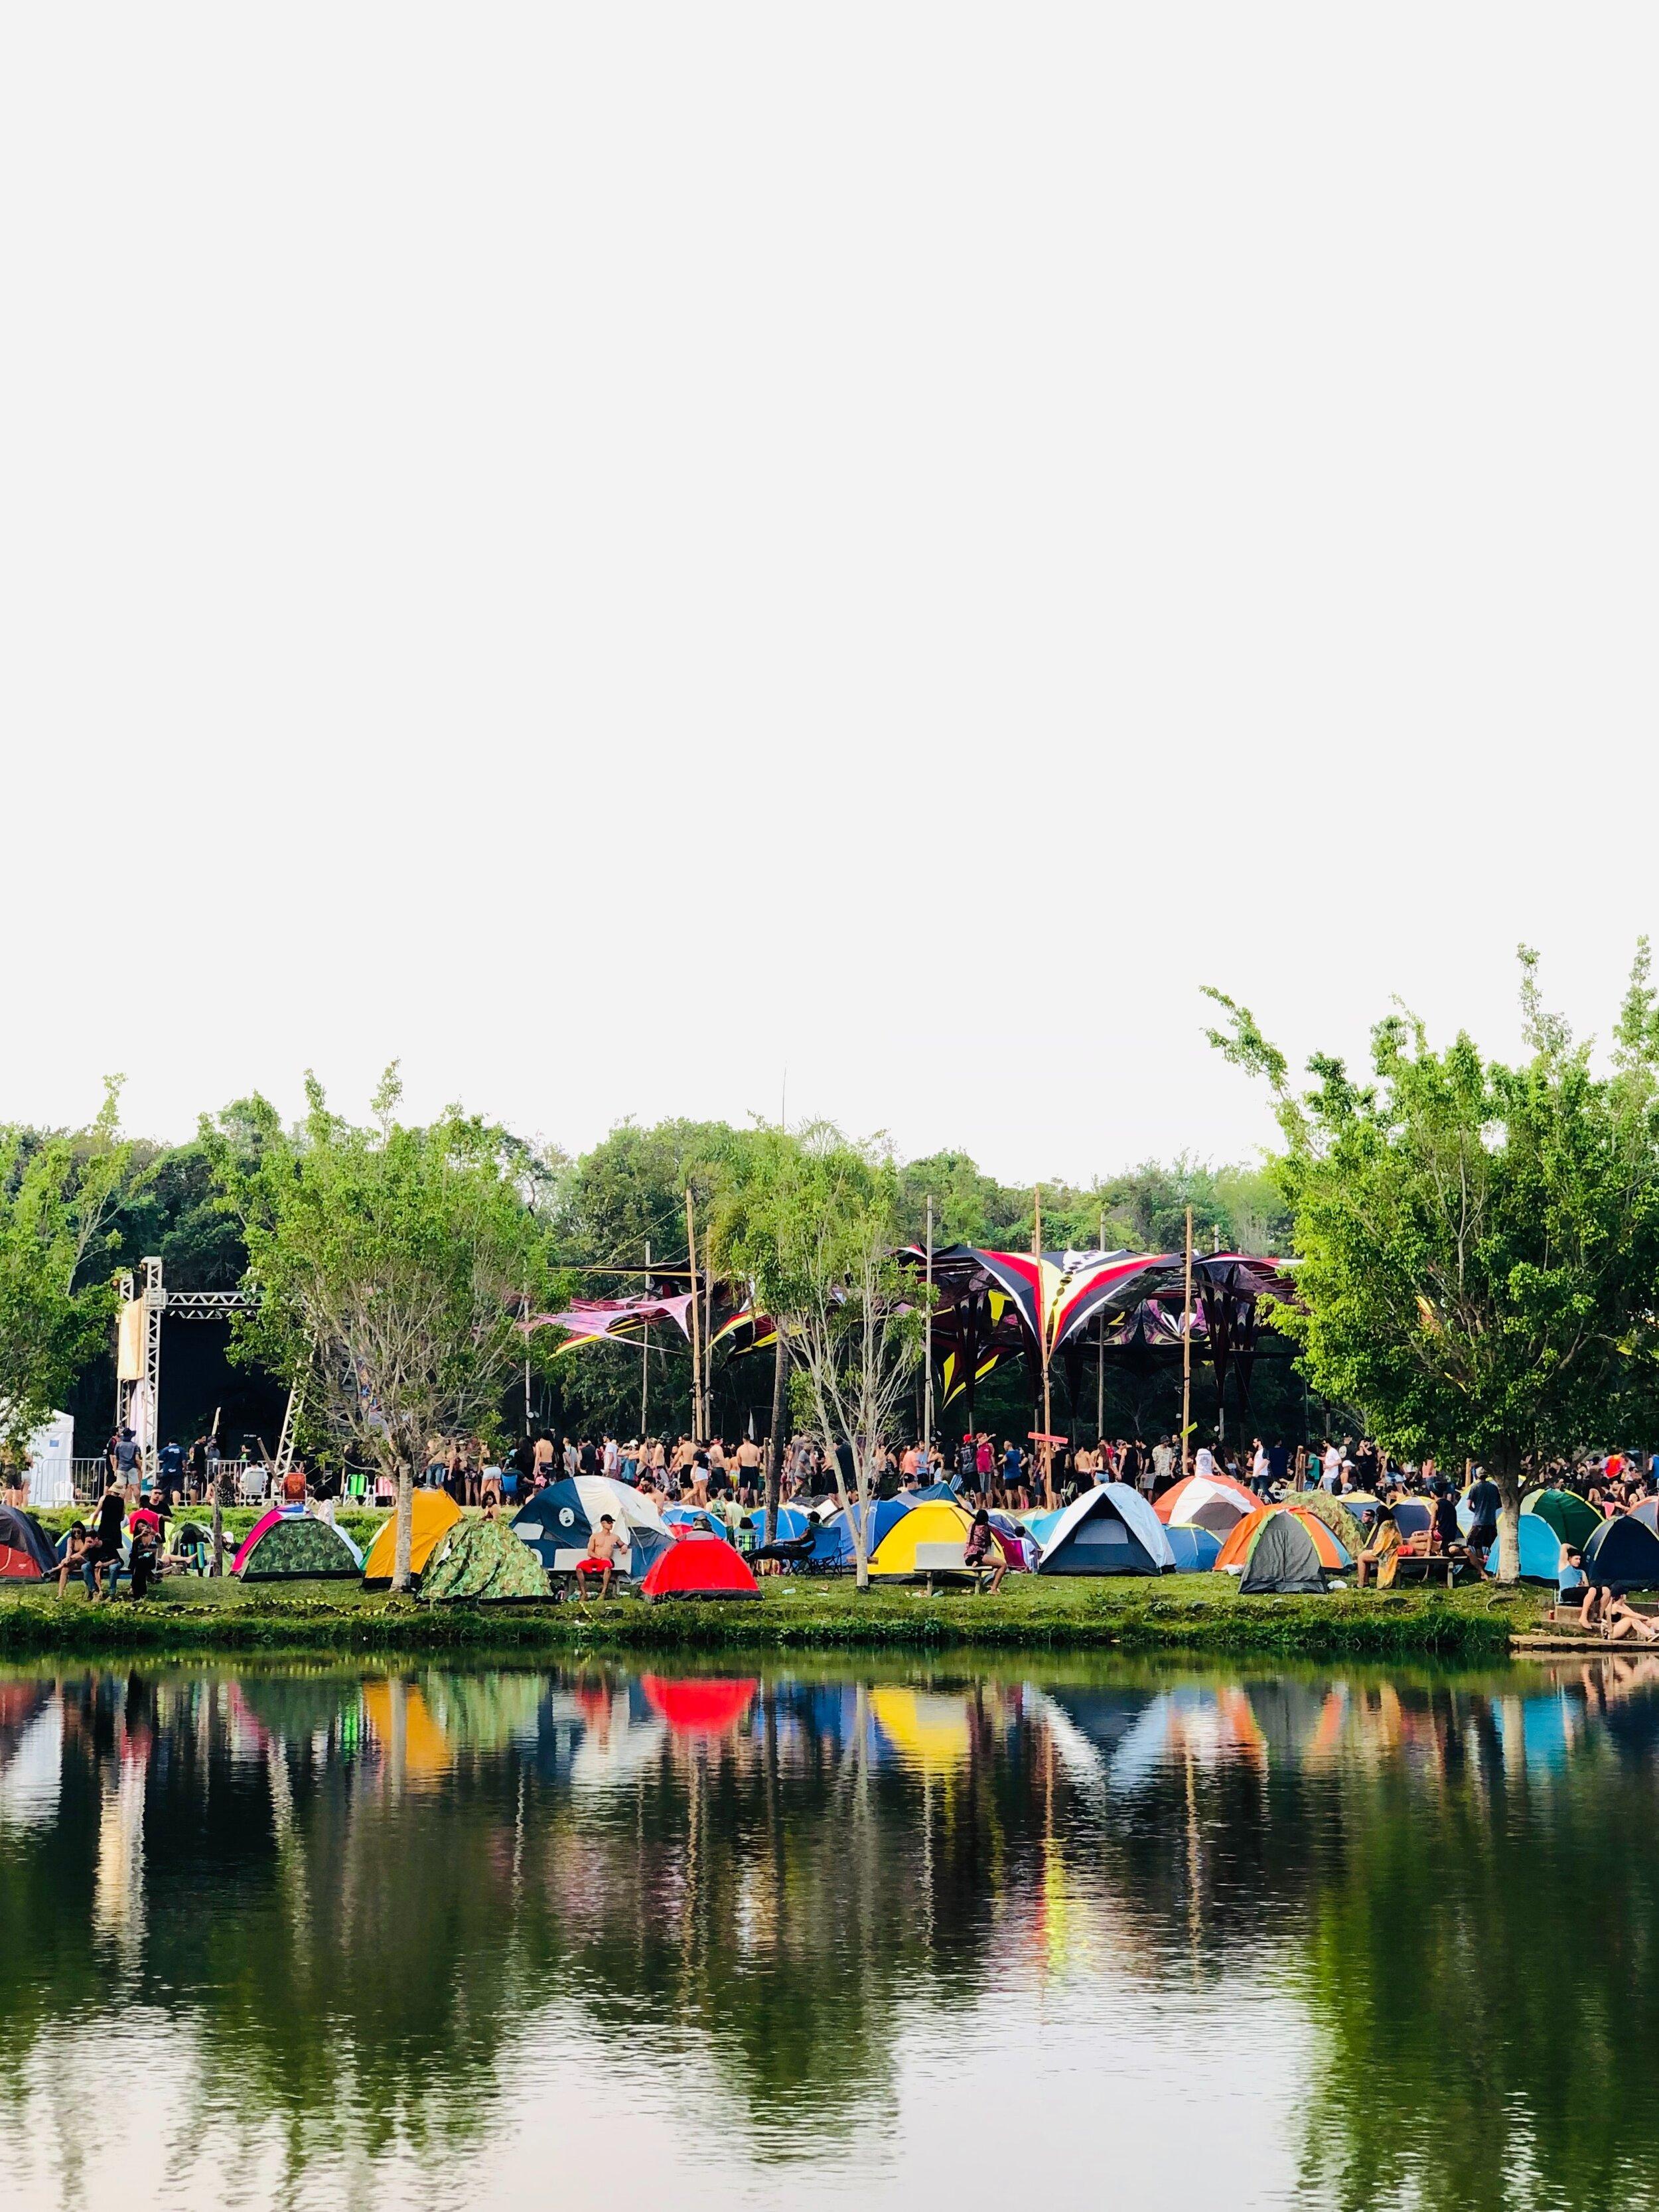 camper-camping-campsite-2820725.jpg